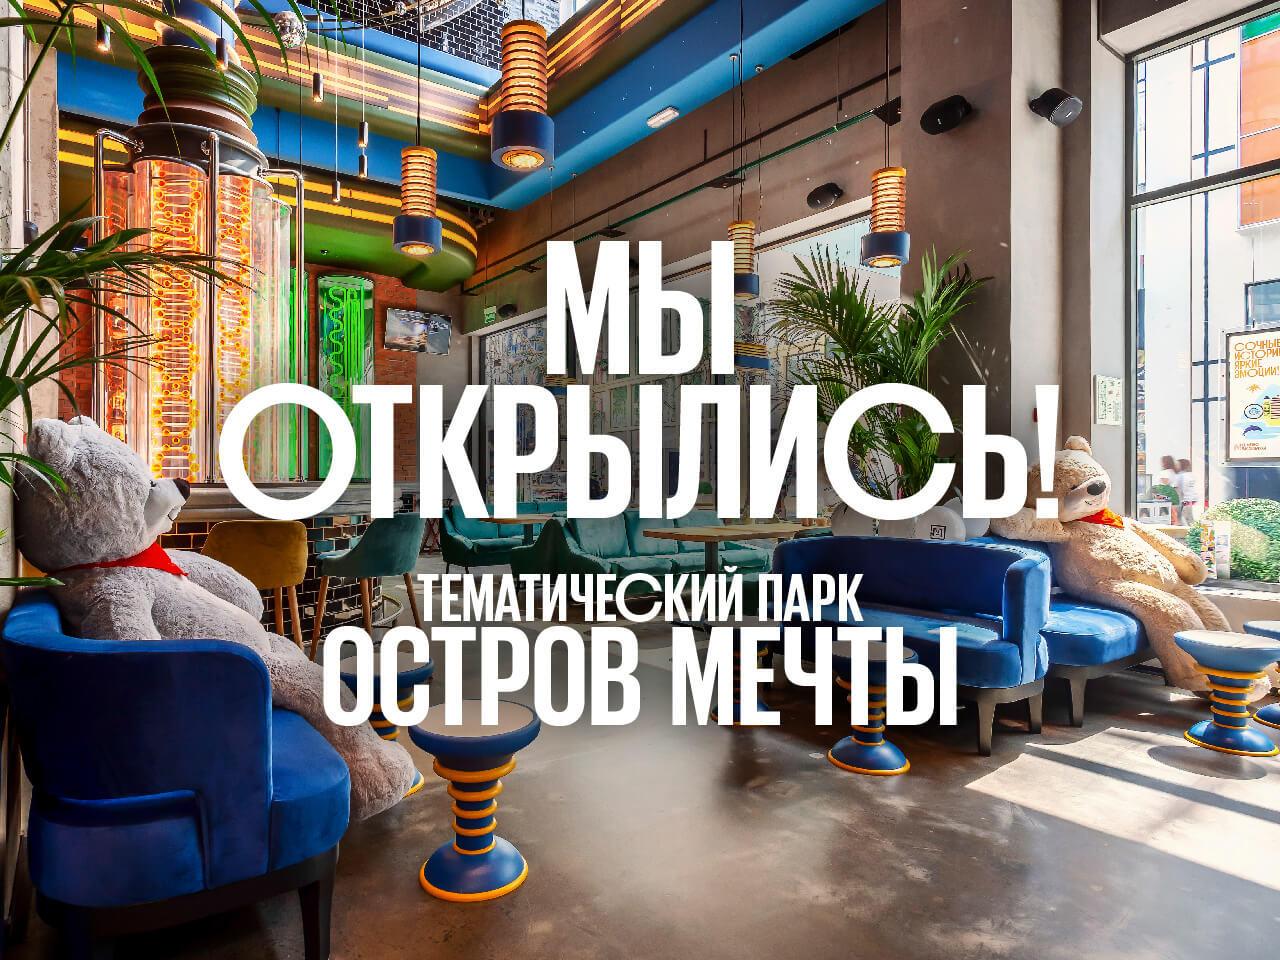 Новый ресторан VASILCHUKÍ Chaihona №1 в «Острове мечты»